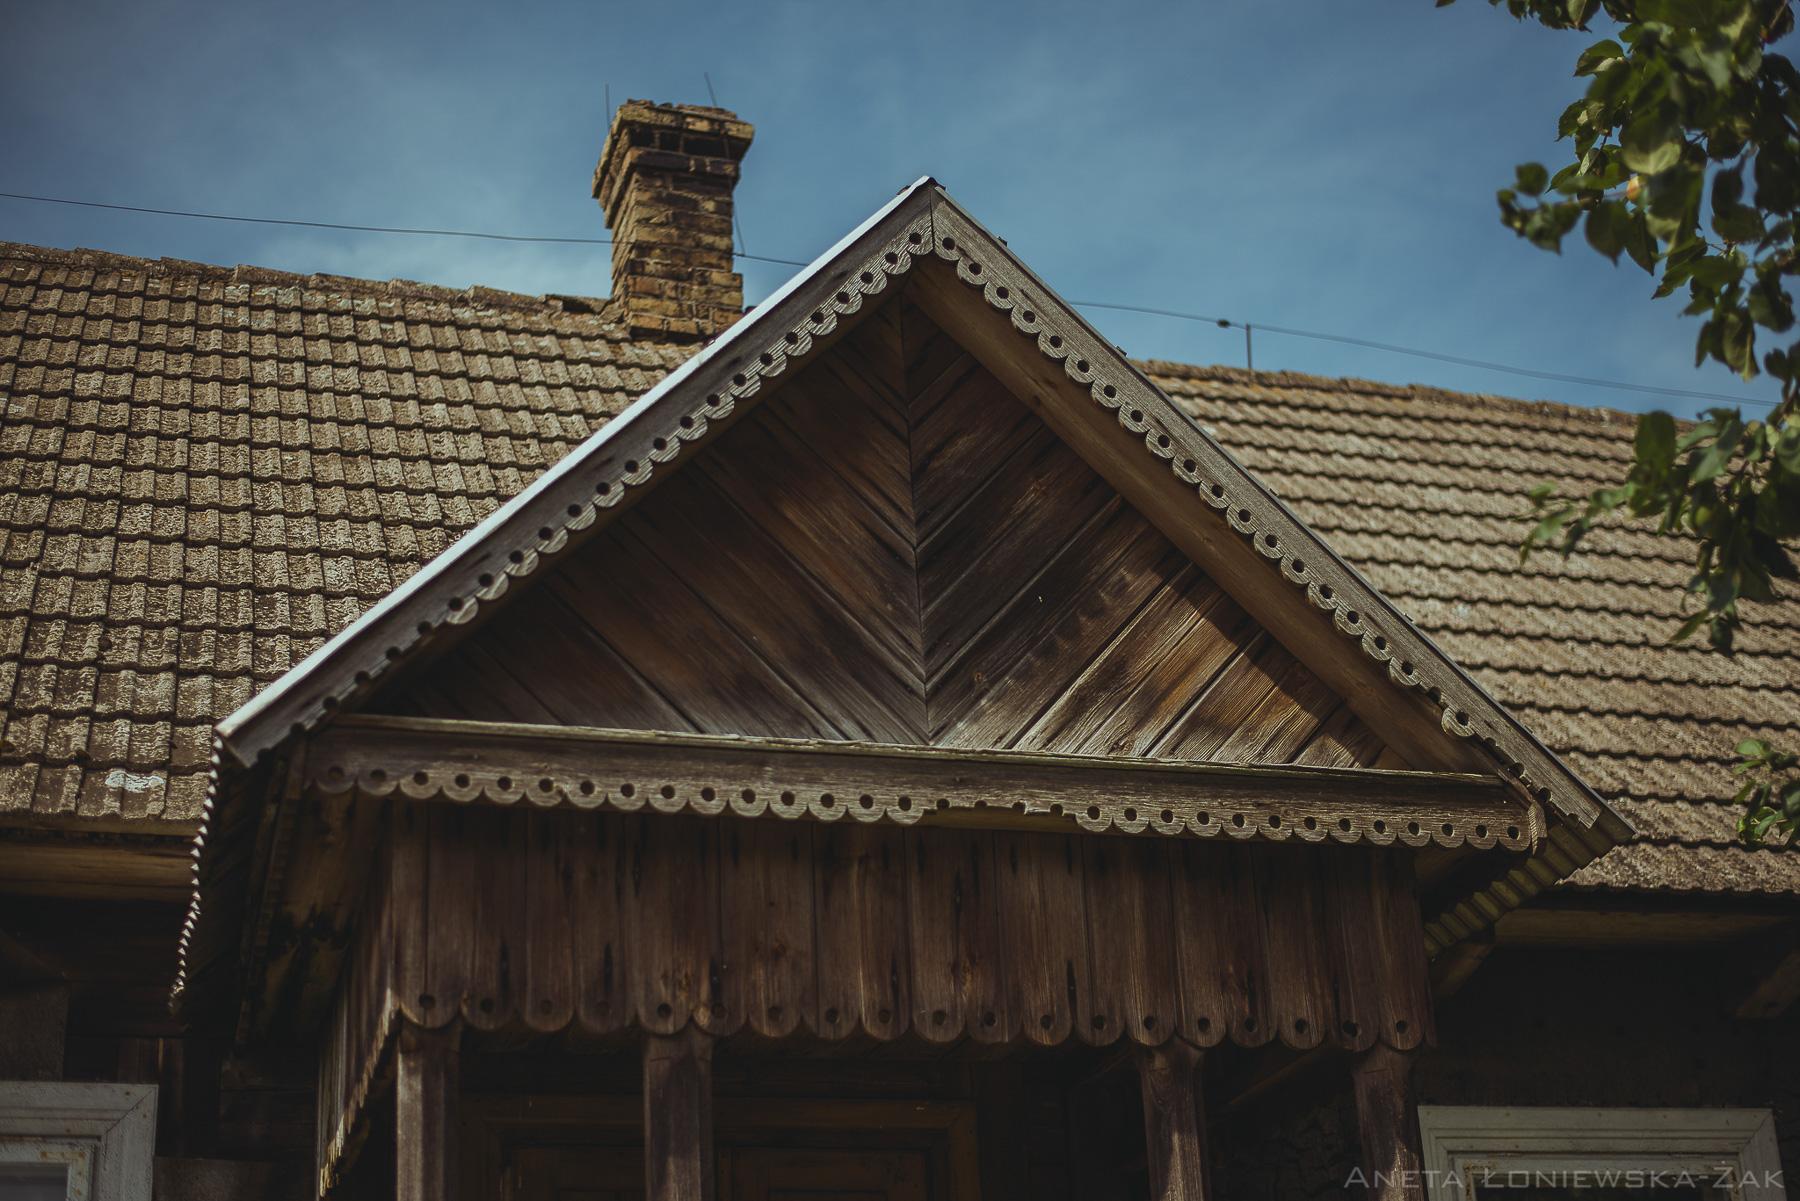 fotografia przyrodnicza, puszcza knyszyńska, podlasie, kopisk, budownictwo drewniane, drewniane zdobienia